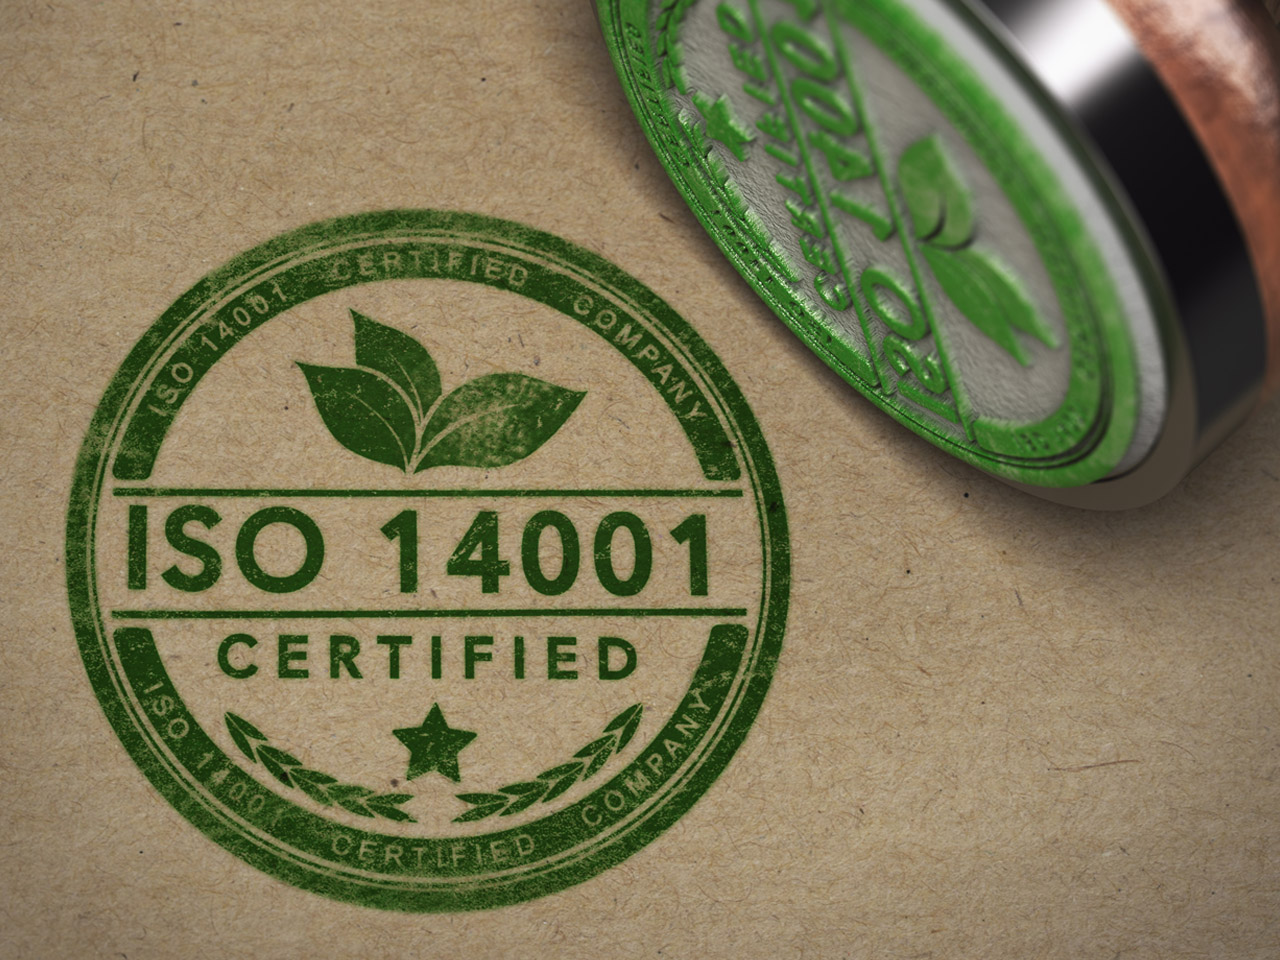 Aplicaciones Tecnológicas renueva el certificado de gestión ambiental ISO 14001 y adapta su política medioambiental